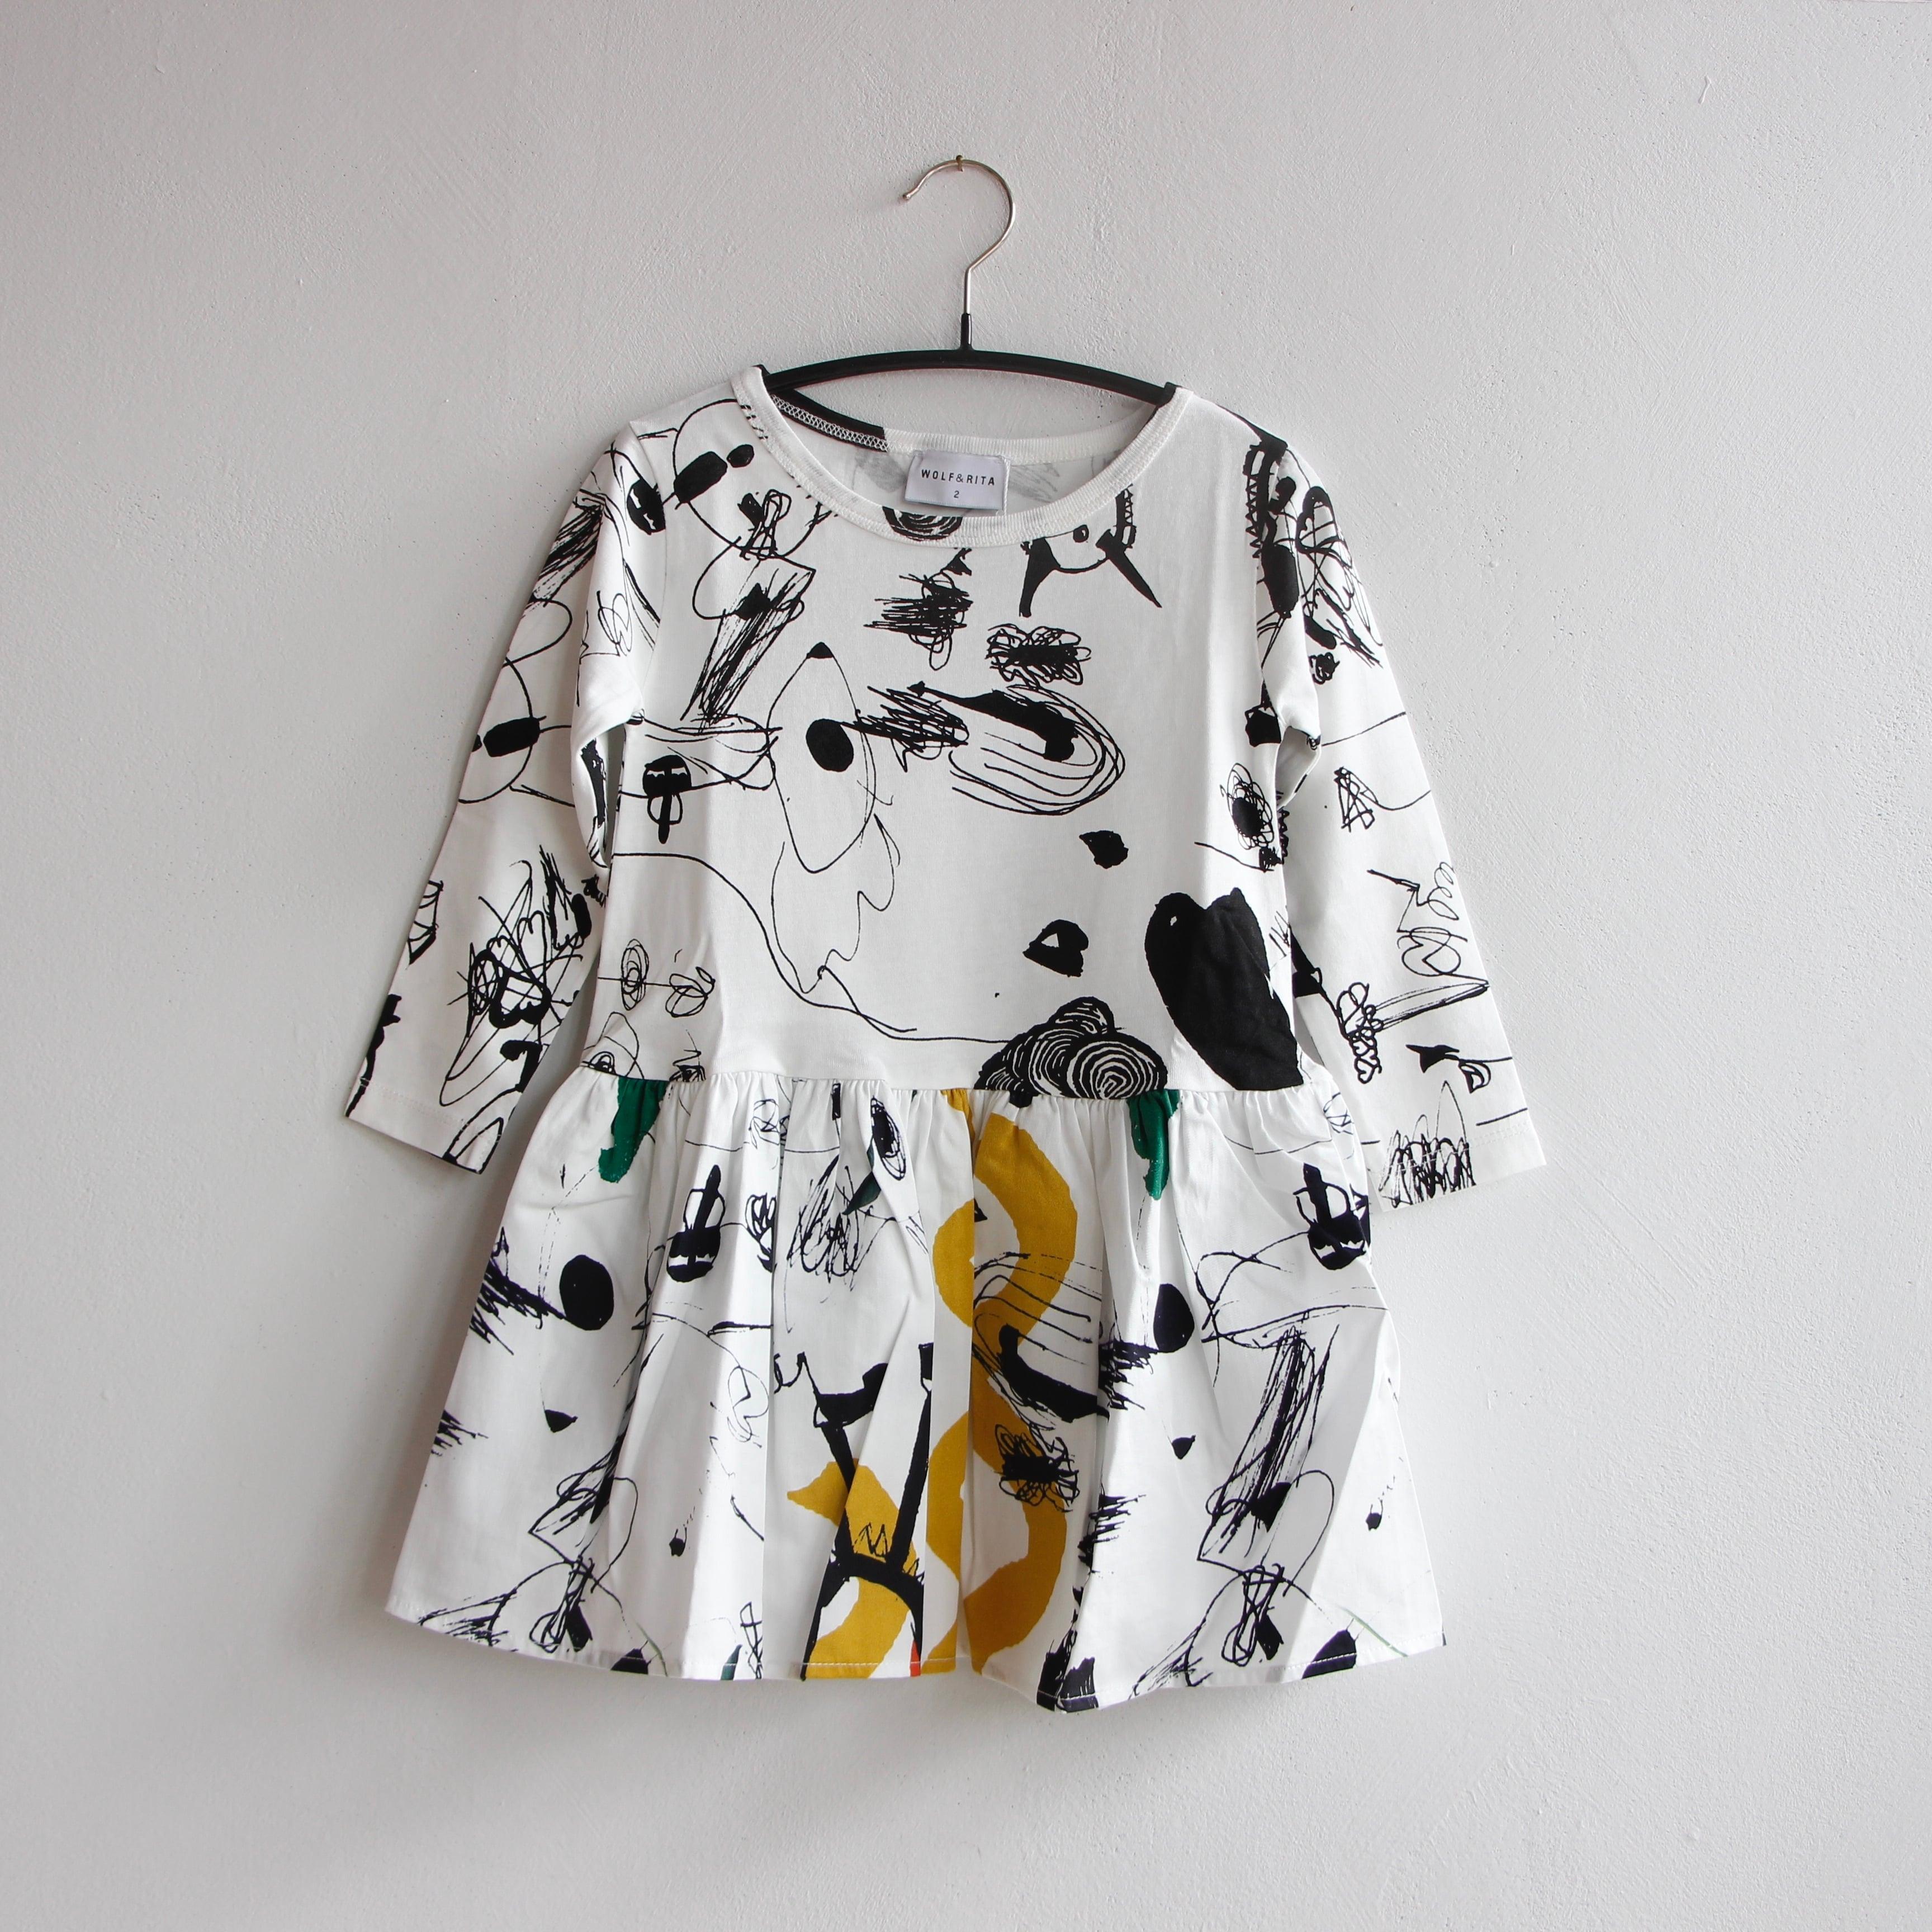 《WOLF & RITA 2021AW》MERCEDES dress / LOVE THEATER